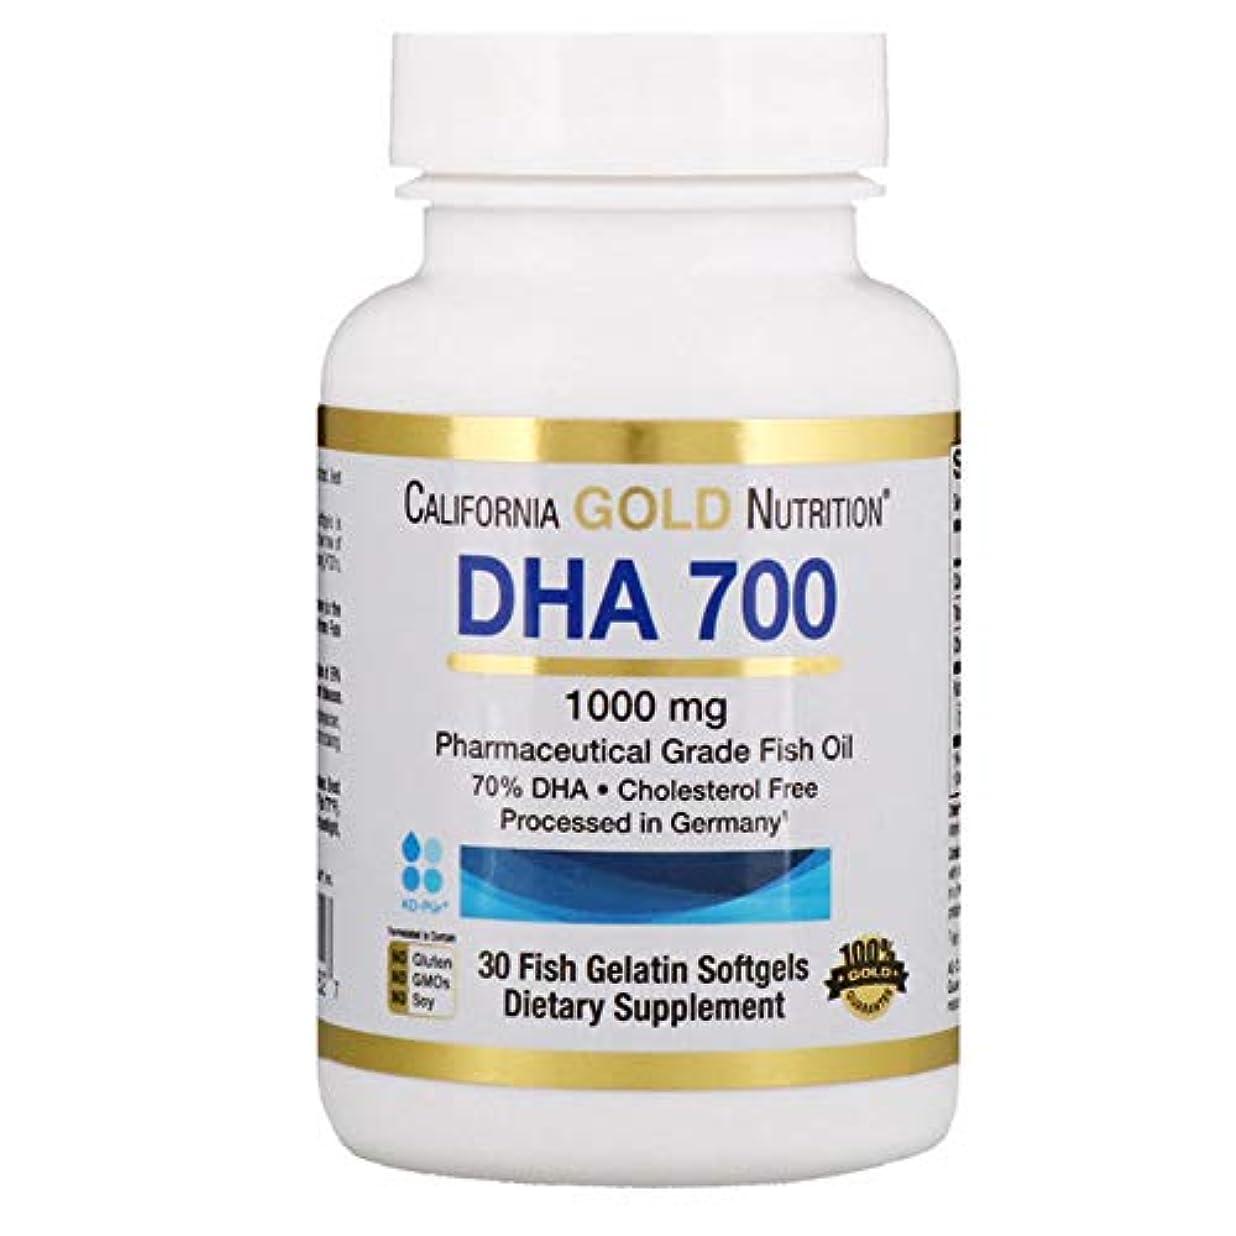 褒賞店主忍耐California Gold Nutrition DHA 700 フィッシュオイル 医薬品グレード 1000 mg 魚ゼラチンソフトジェル 30個 【アメリカ直送】